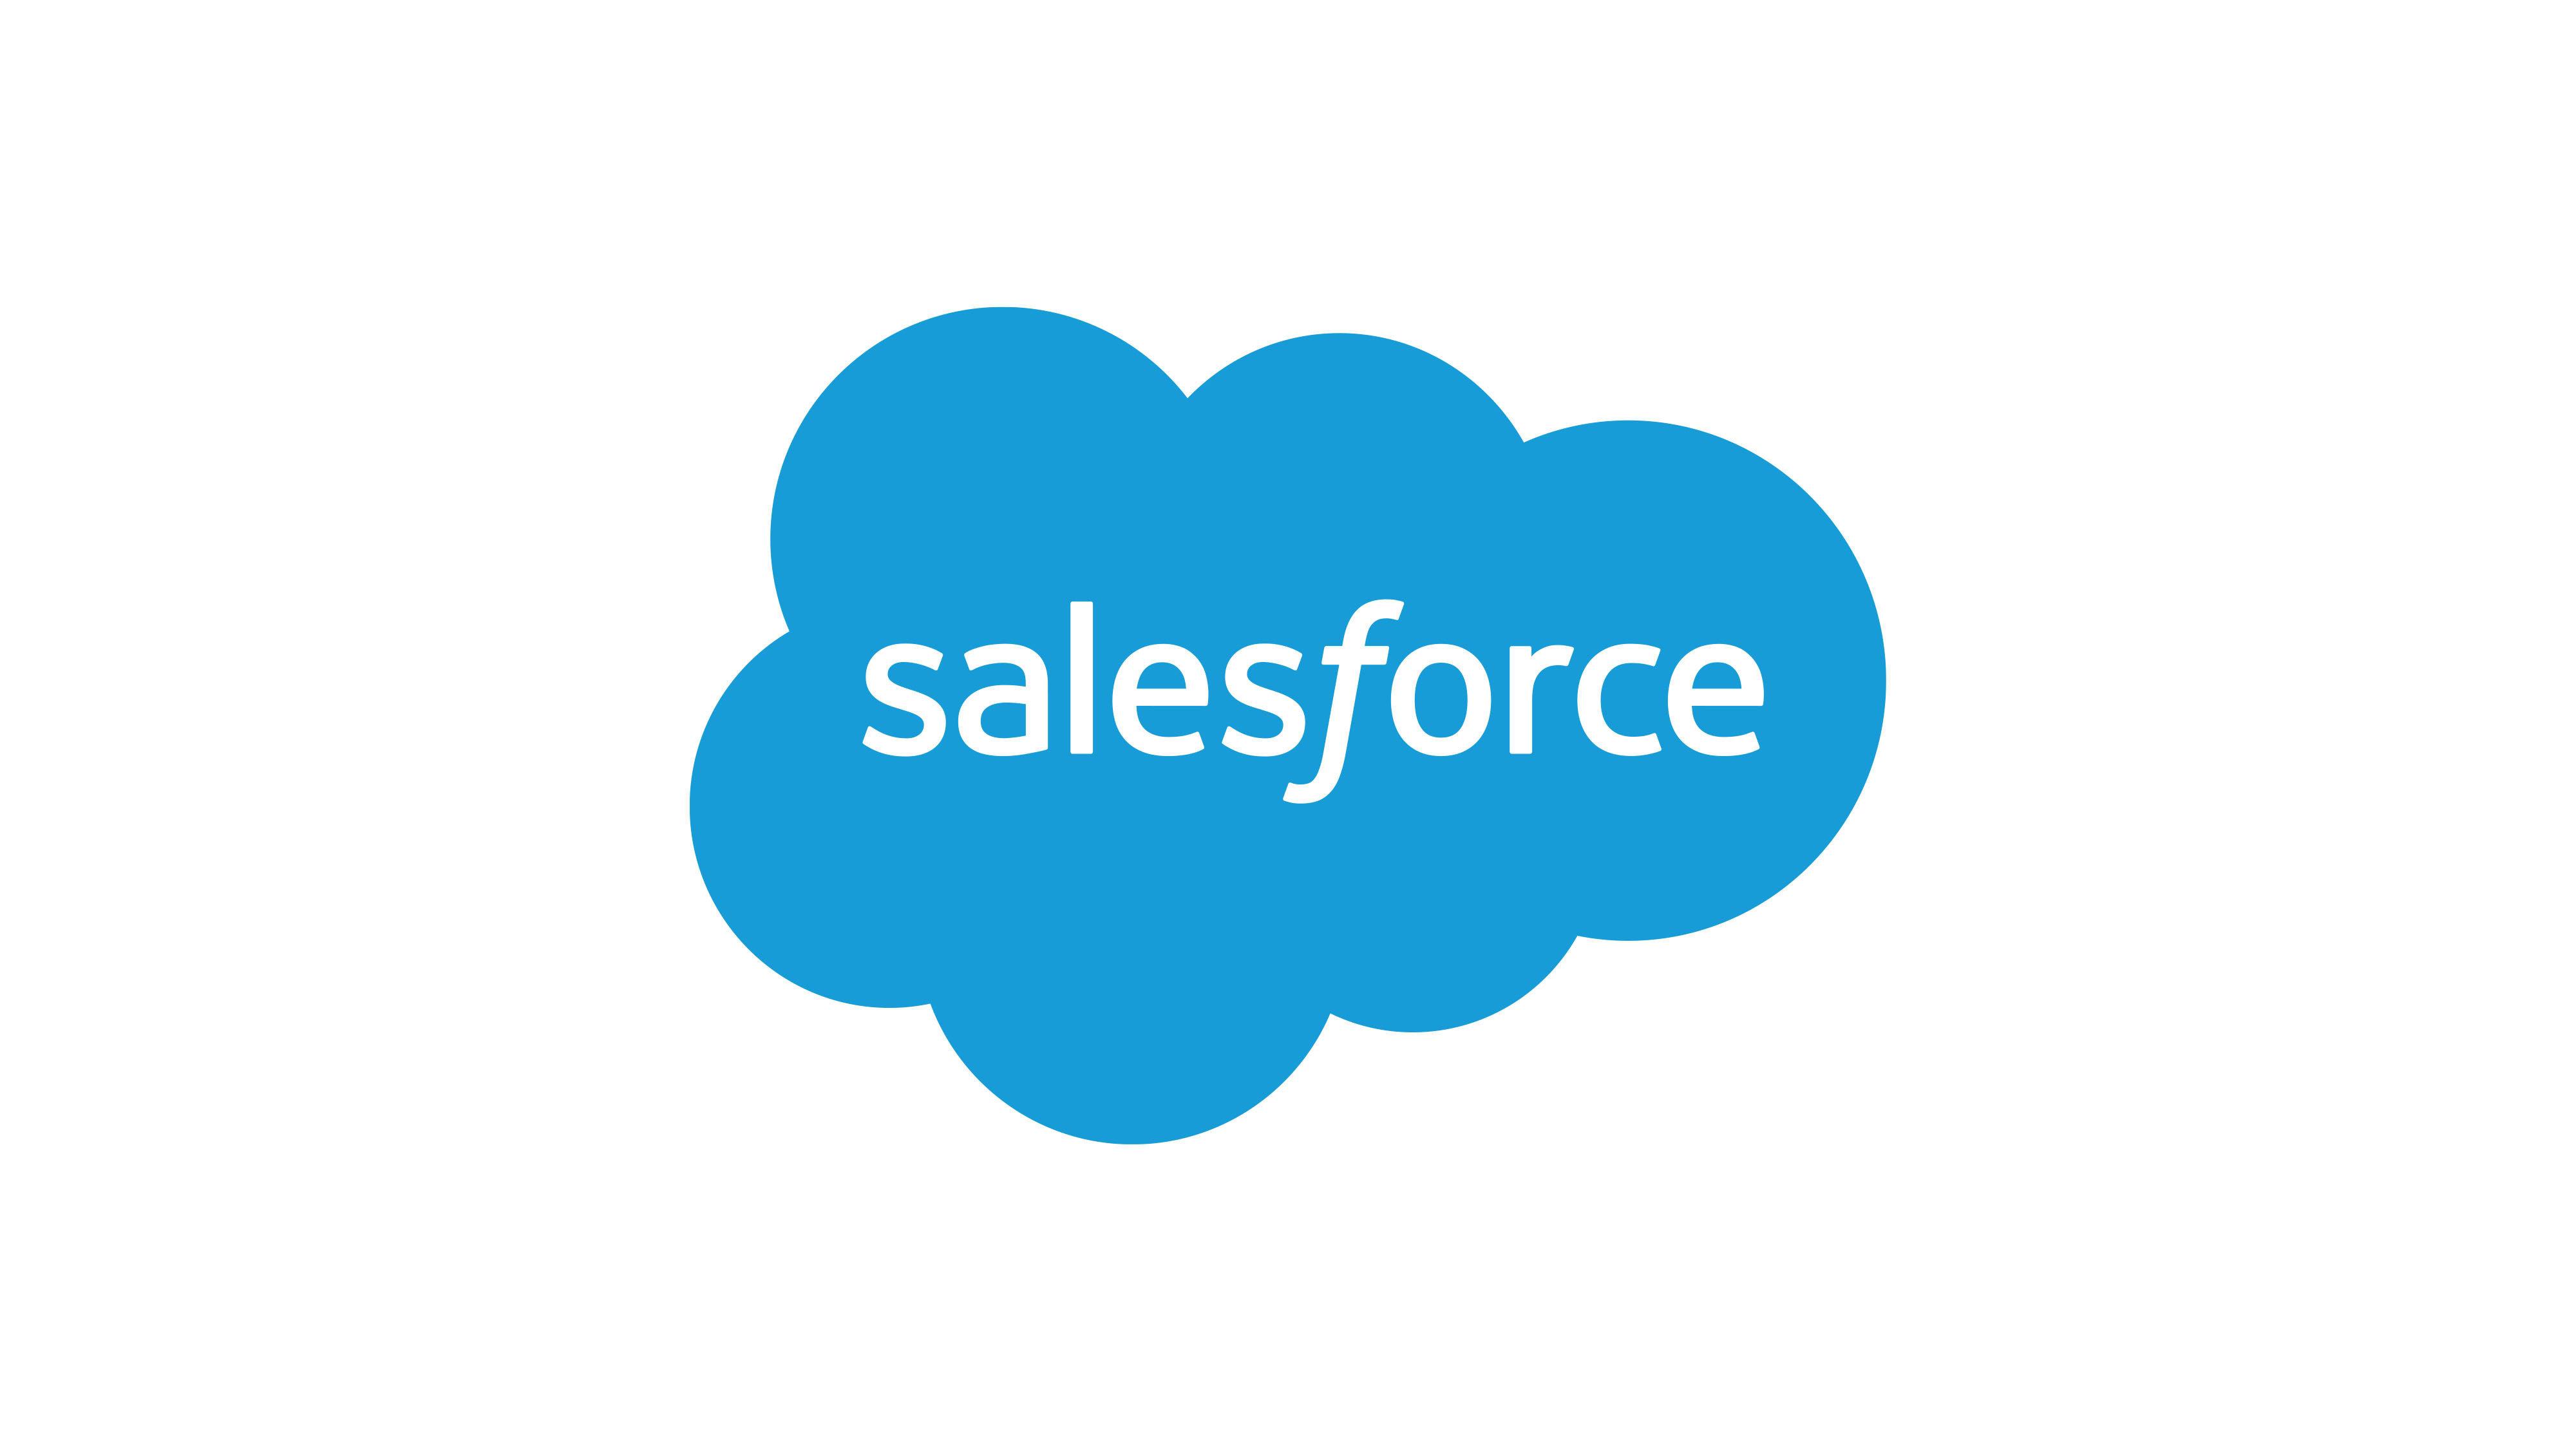 ServiceNow Salesforce - Salesforce Logo